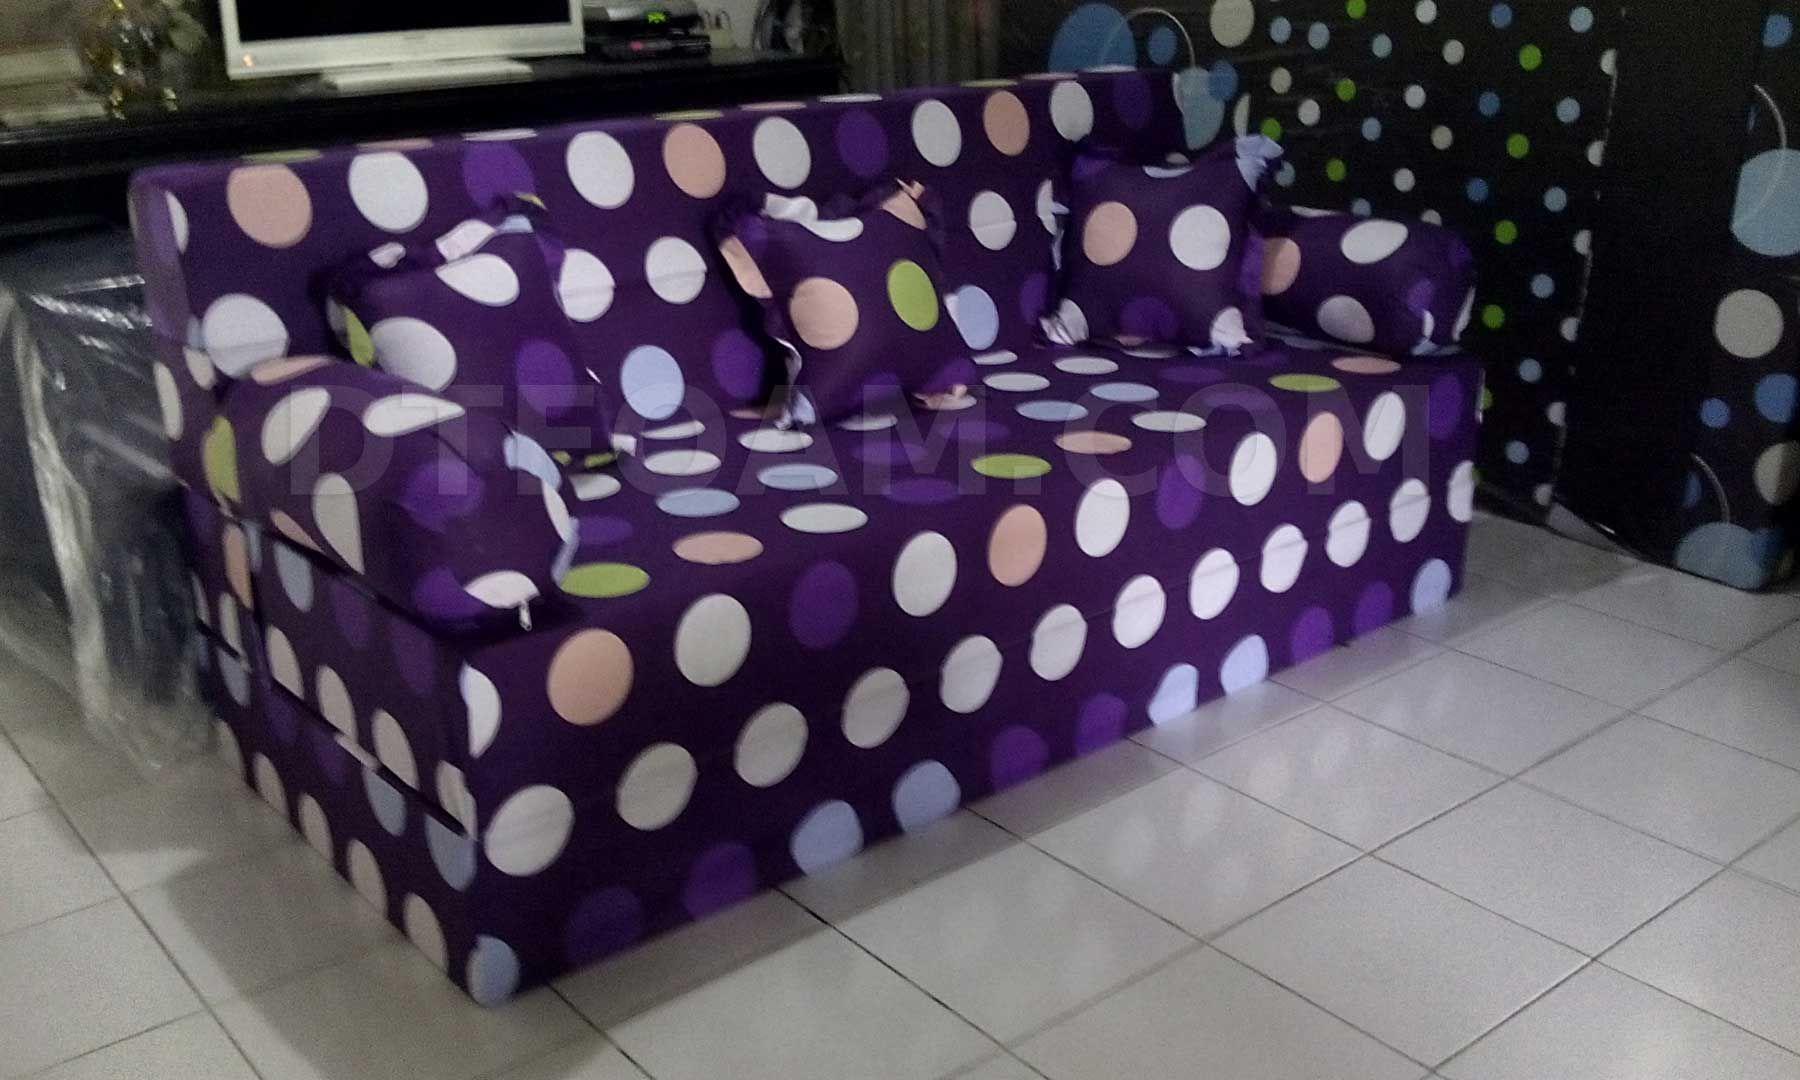 Harga Cover Sofa Bed Inoac 2 Piece Reclining Set P Polkadot Ungu Buble Pilihan Busa Super Aw Awet